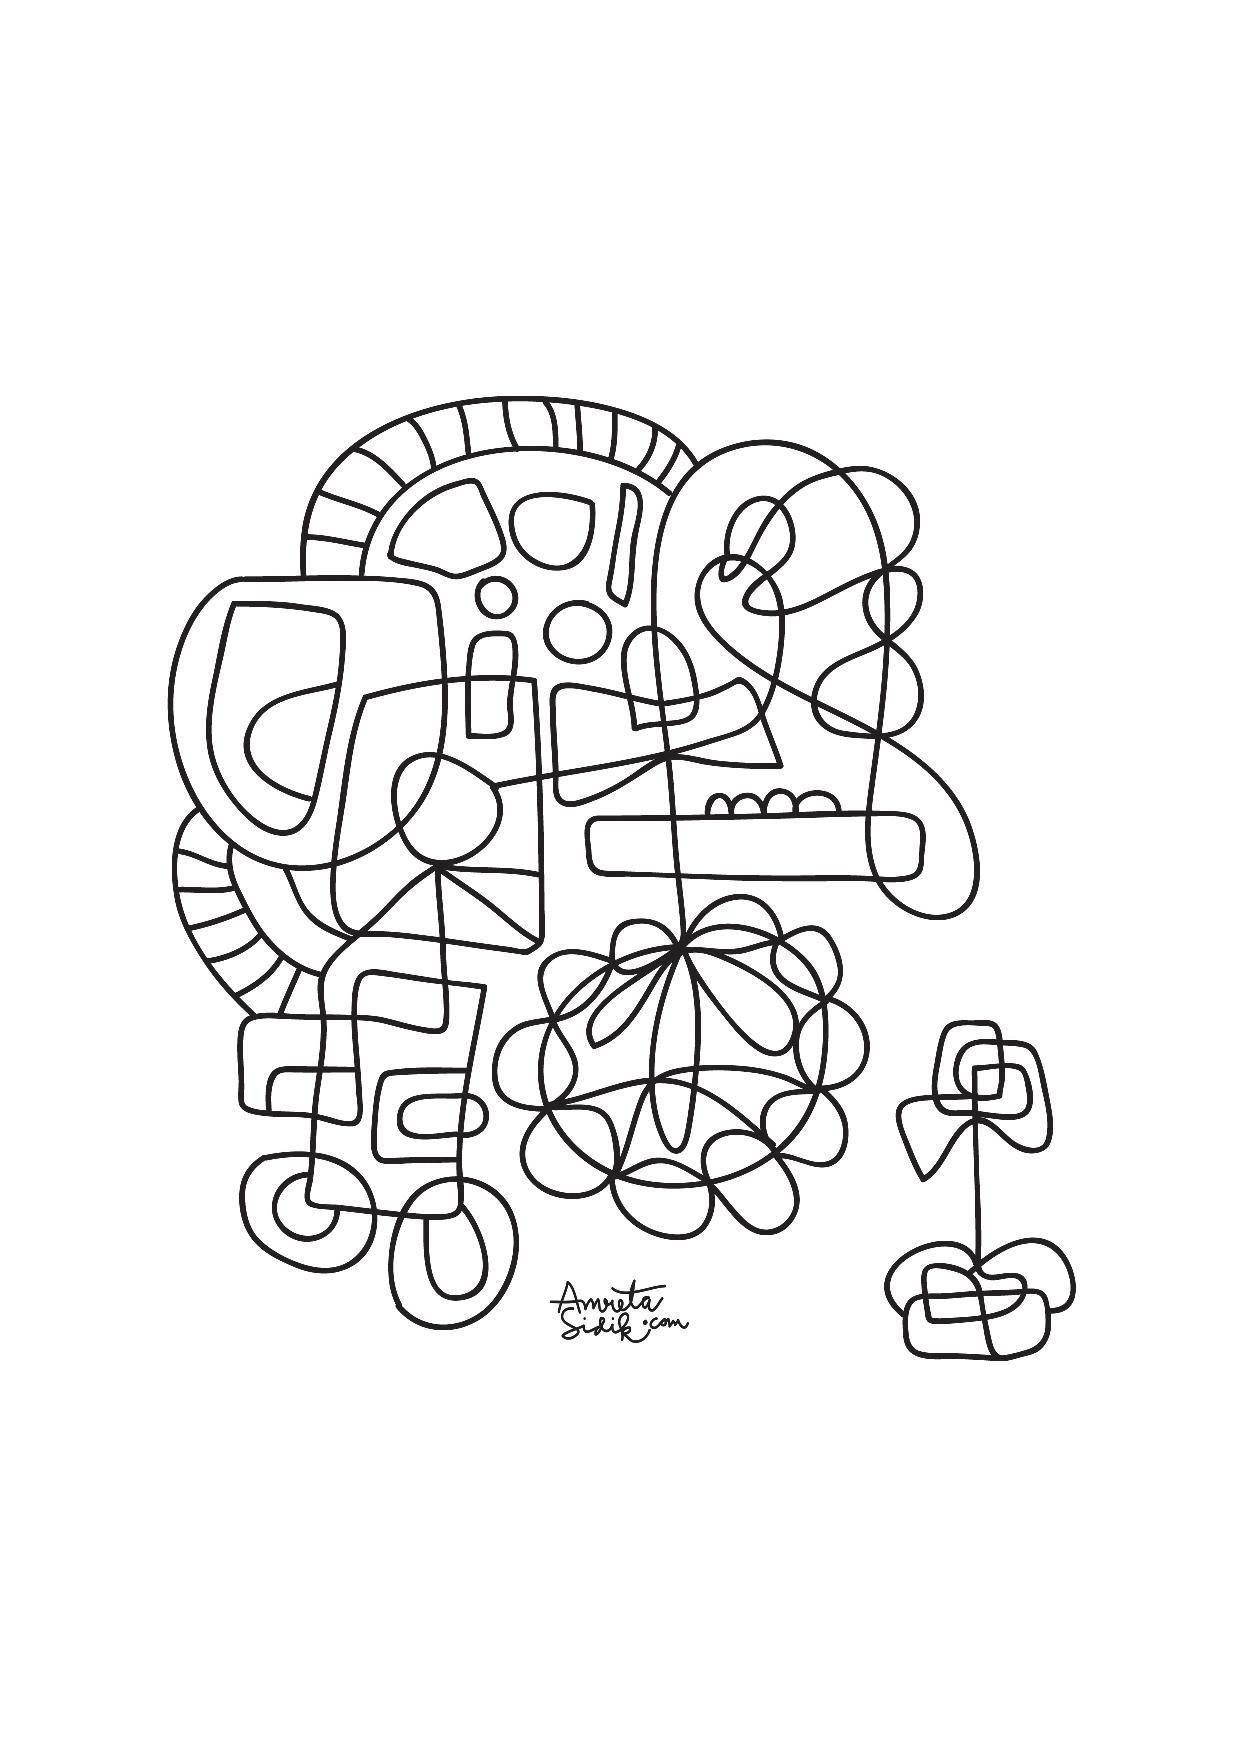 Coloriage Adulte A Imprimer Abstrait.Coloriage Adulte Abstrait Dans La Galerie Anti Stress